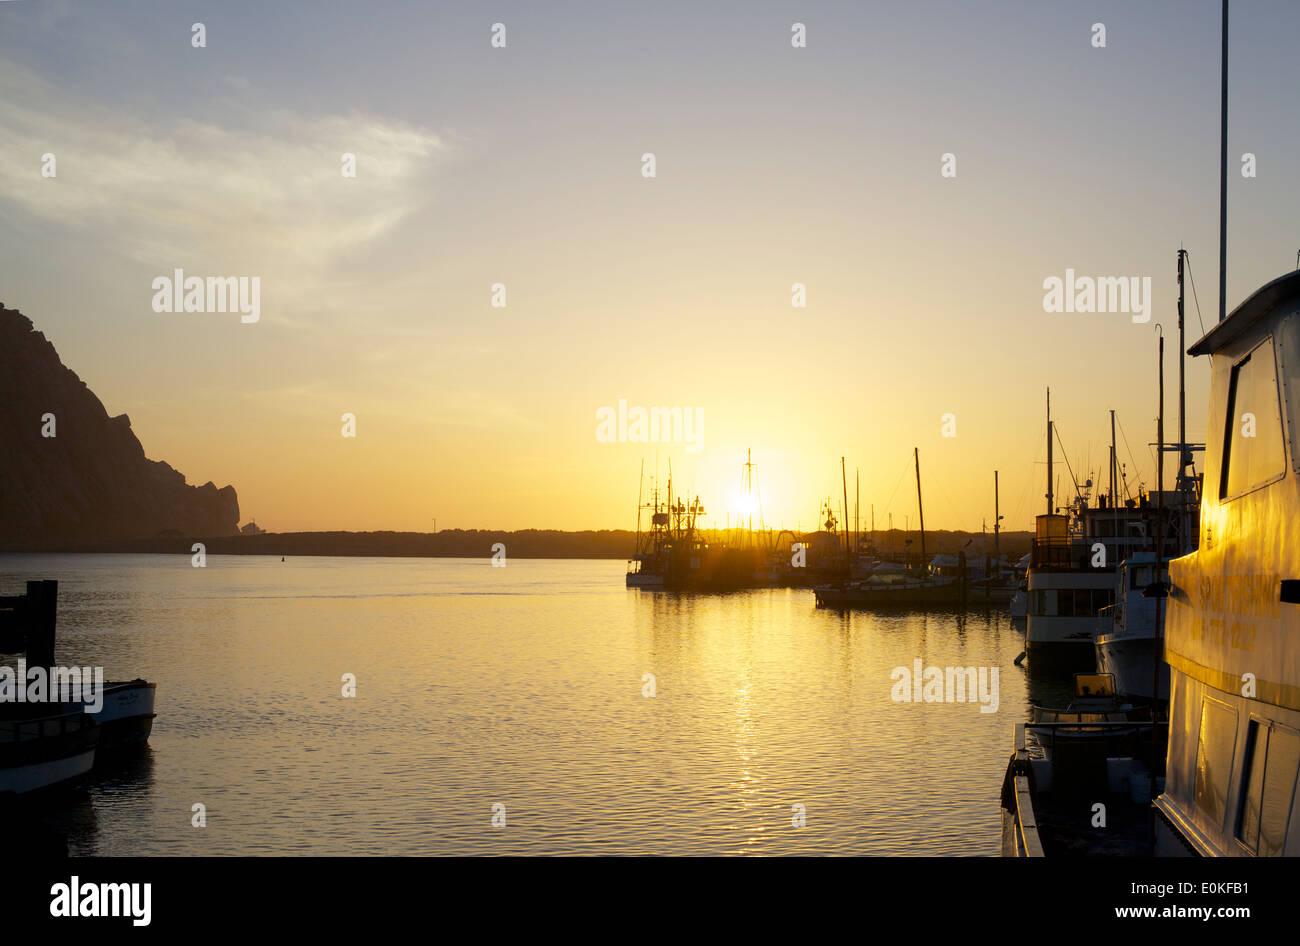 Barche di galleggiare sull'acqua come il sole tramonta sull'orizzonte a Morro Bay, California. Immagini Stock